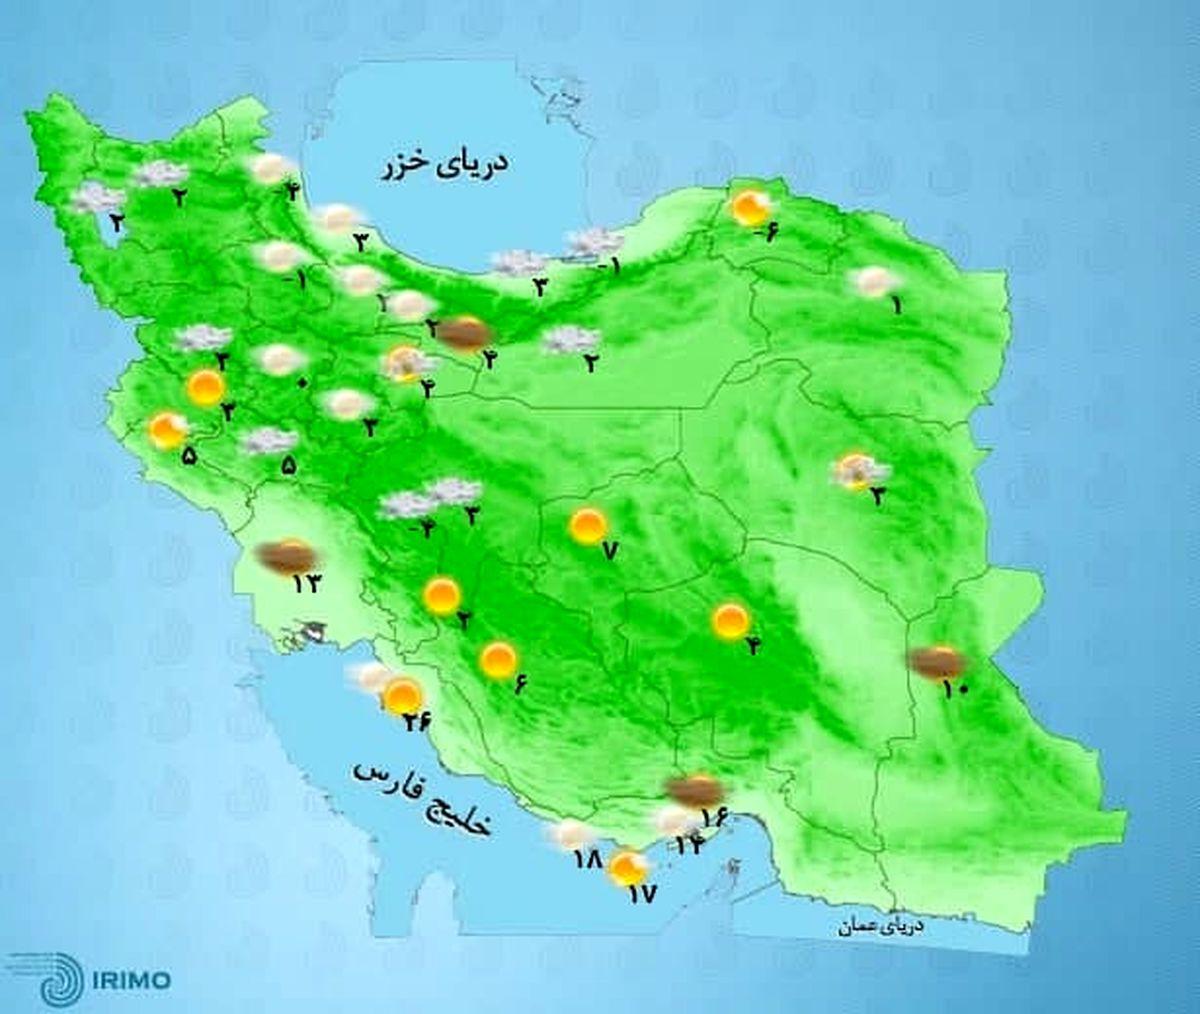 هوا گرم میشود/ هشدار وقوع بهمن +نقشه